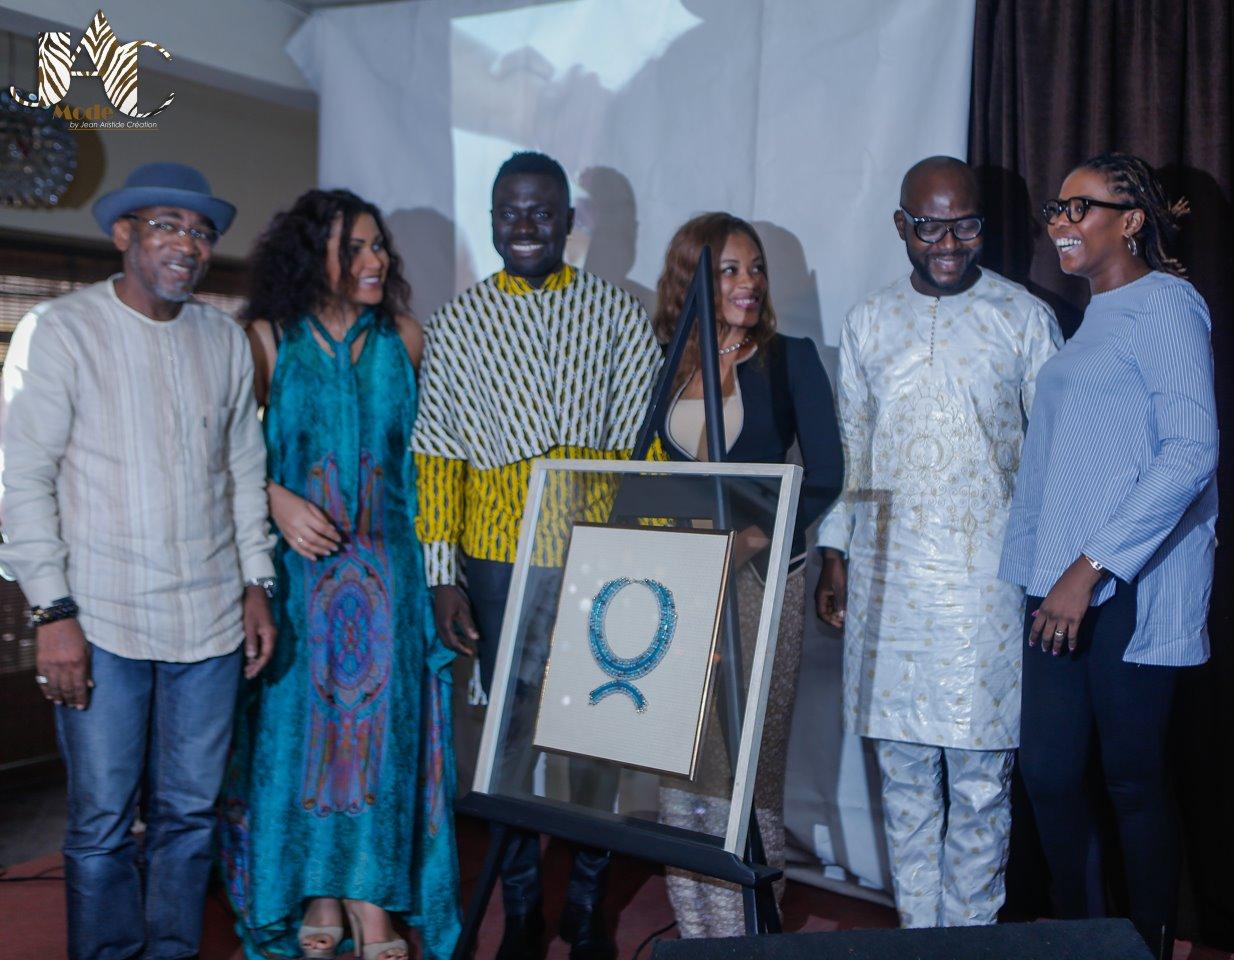 jean aristide création mode ivoirienne (2)